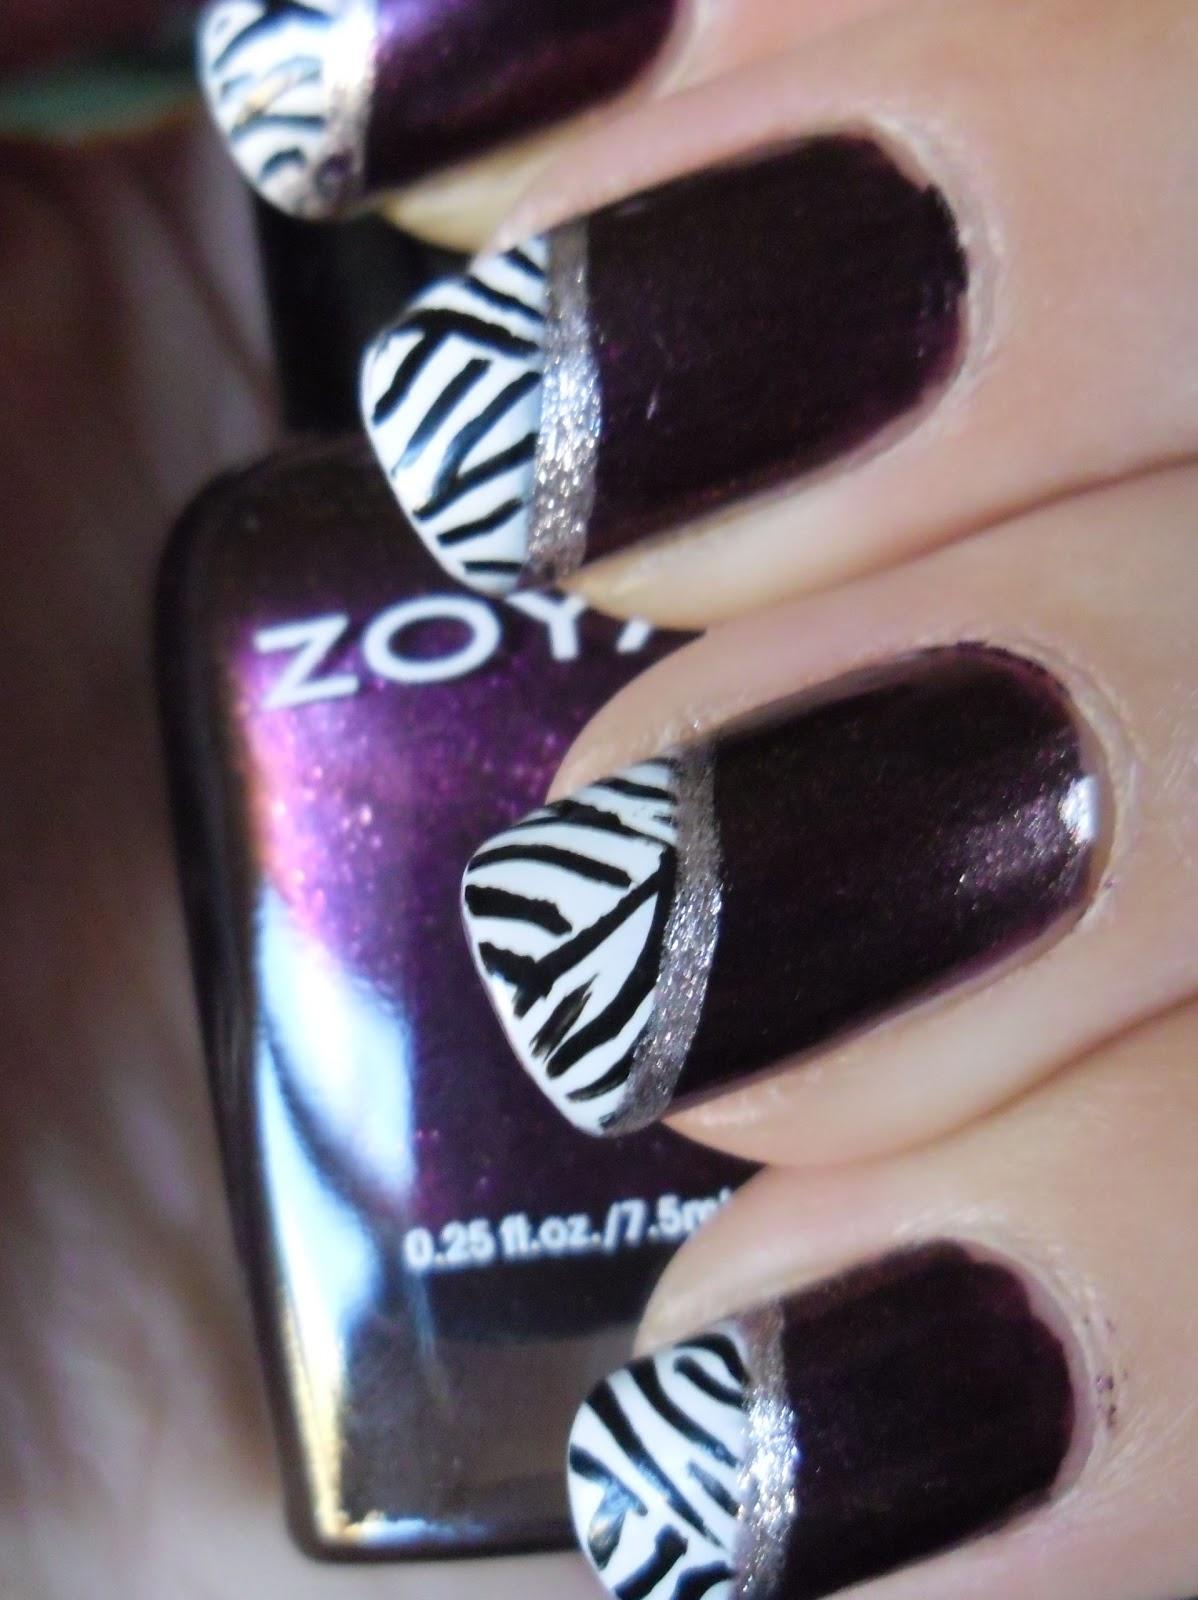 More zebra nails